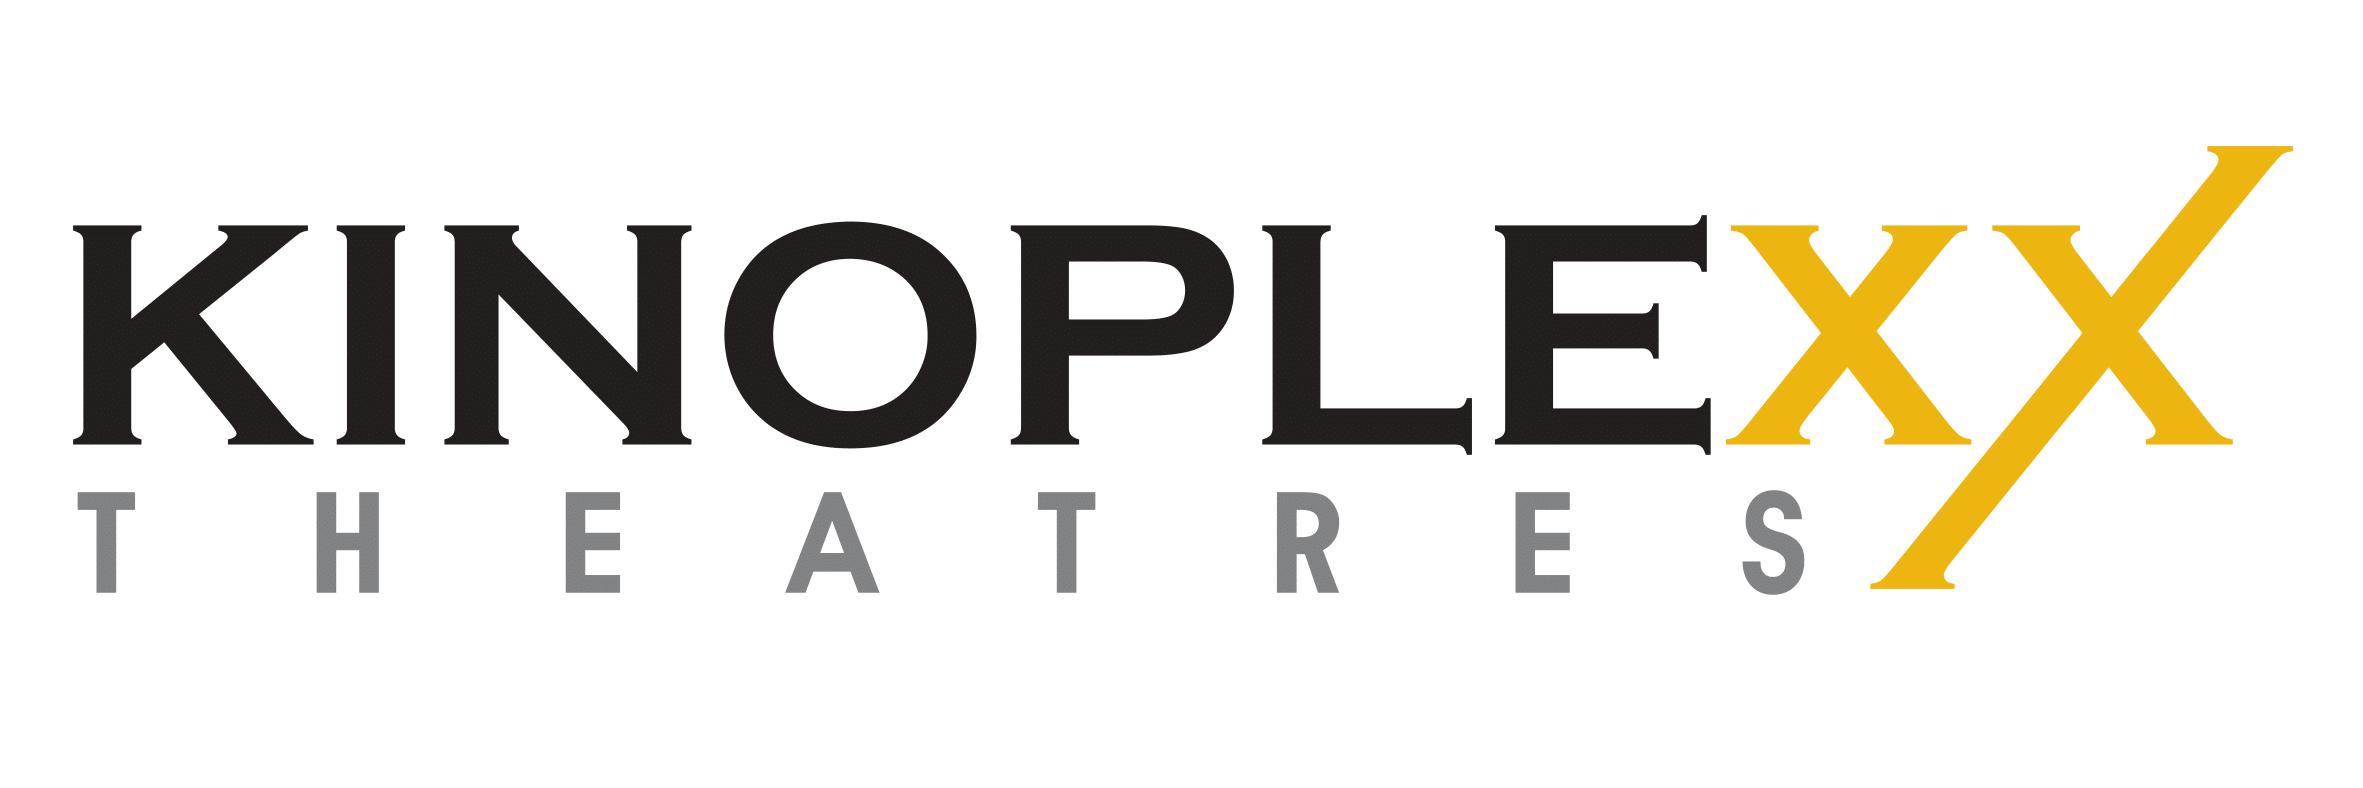 kinoplex